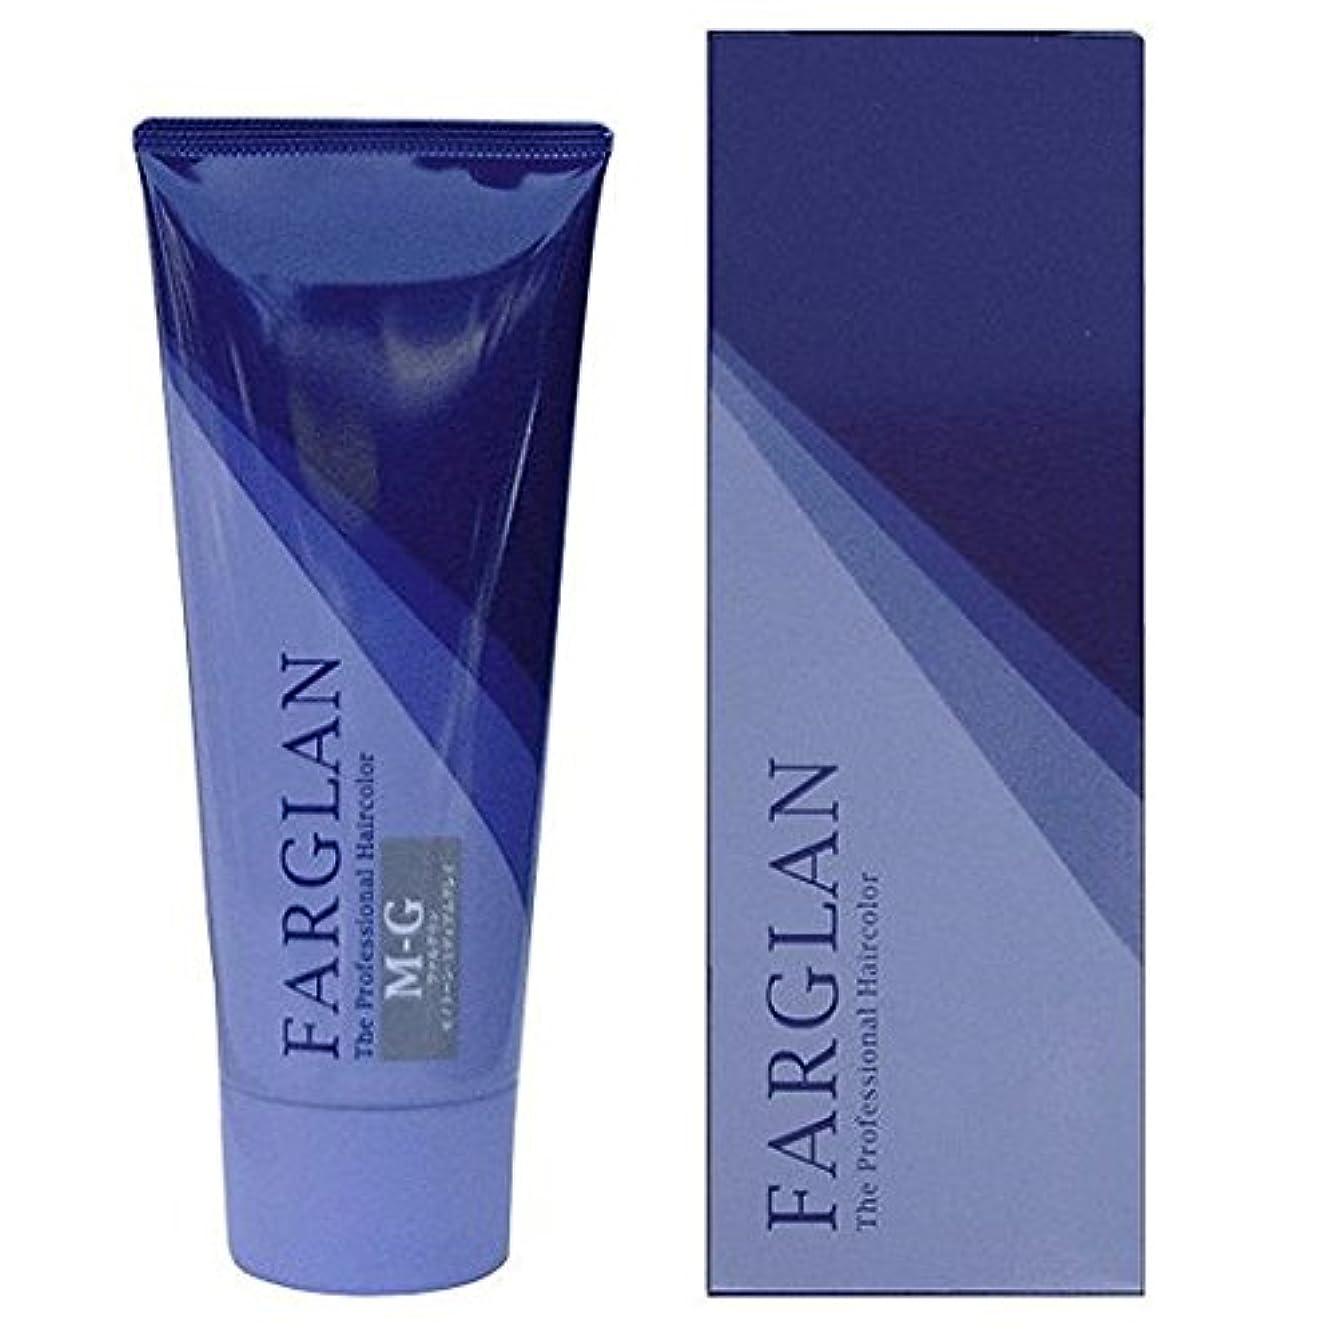 密常習的有益なFARGLAN(ファルグラン) ヘアカラー M-G(MEDIUM GRAY) 160g